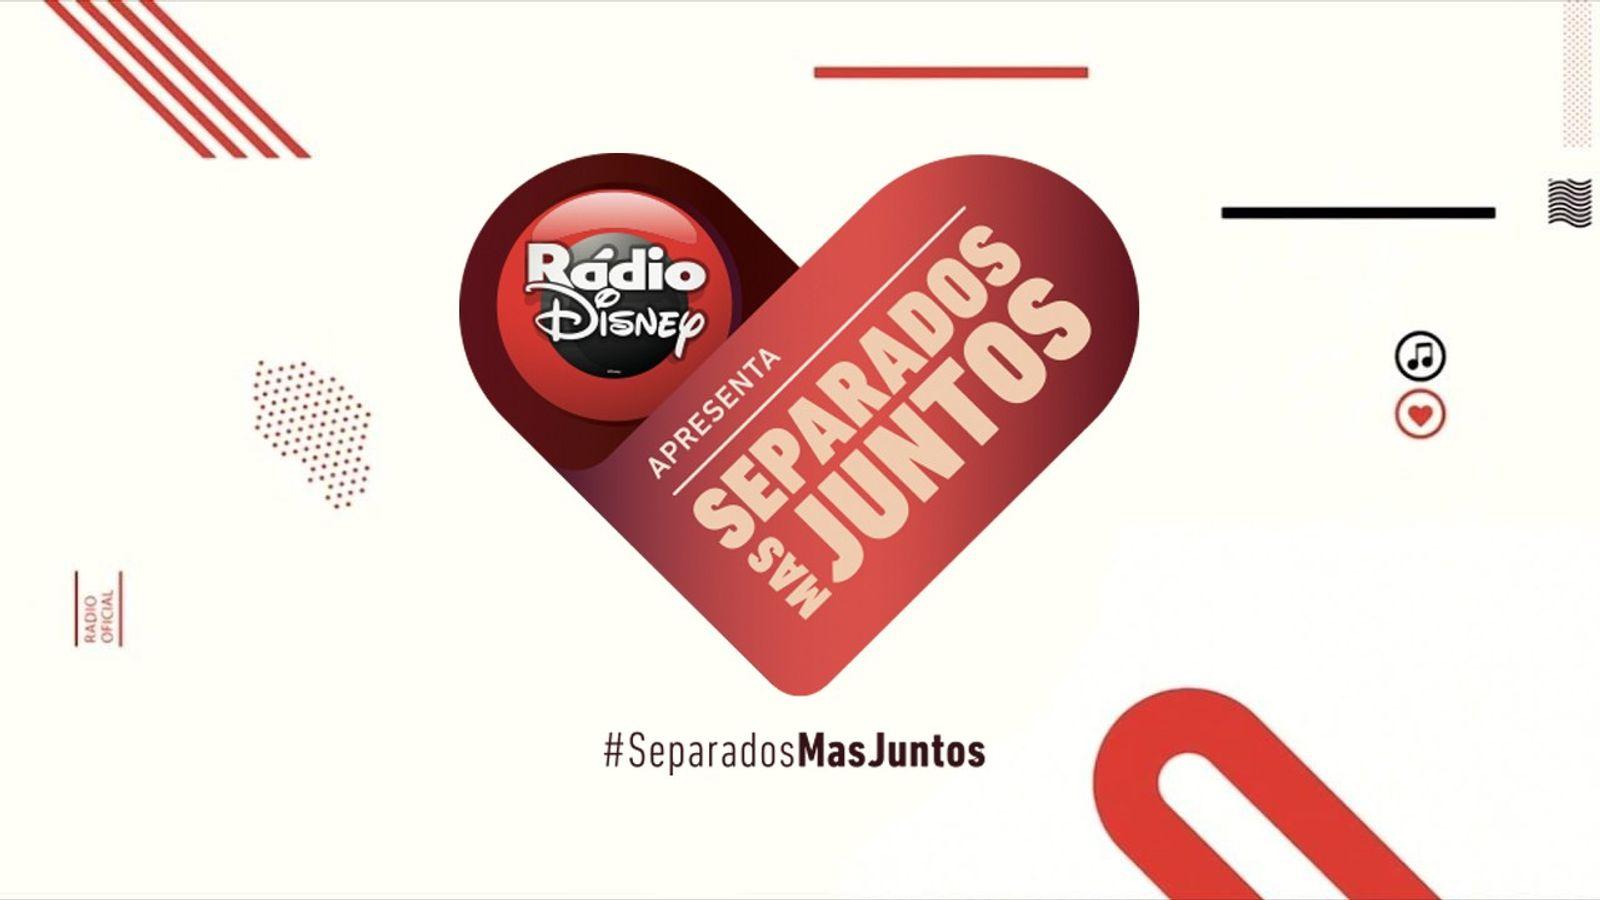 Radio DIsney Apresenta: #SeparadosMasJuntos